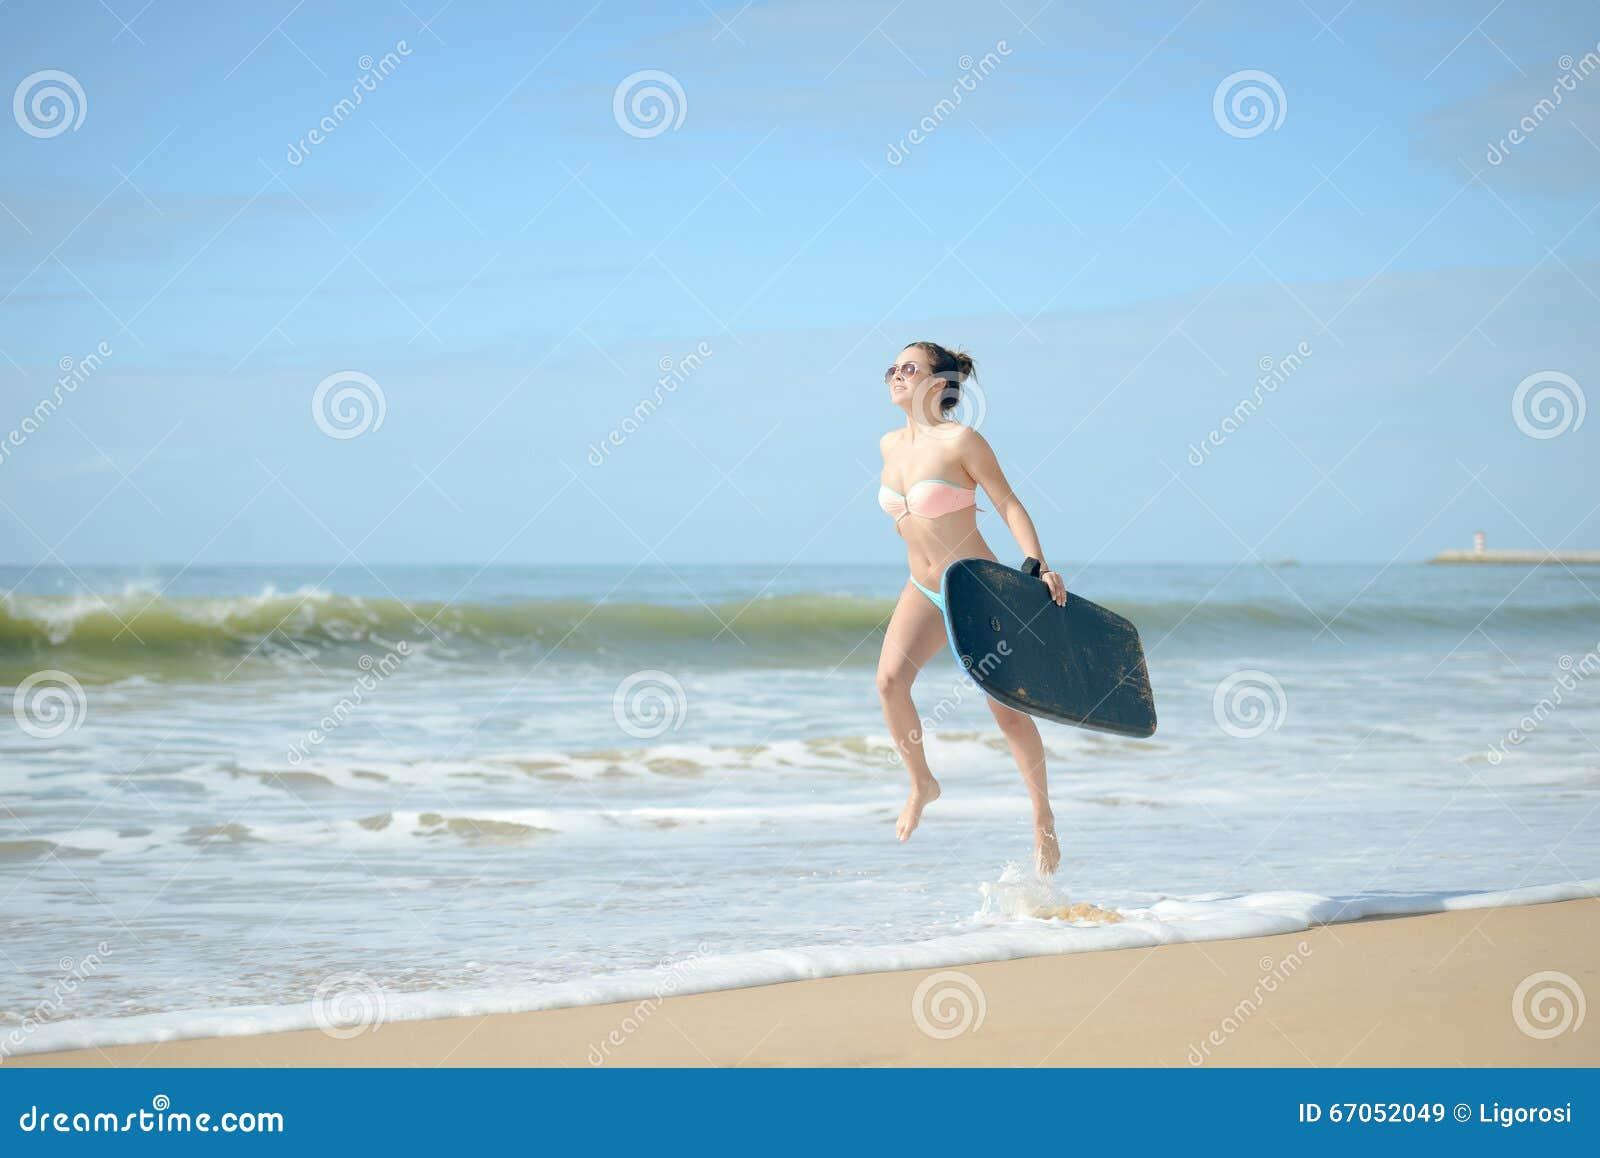 Glückliches nettes gehendes Surfen des frohen Surfermädchens am Ozeanstrand, der in Wasser läuft Weibliche Bikinifrauenüberschrif